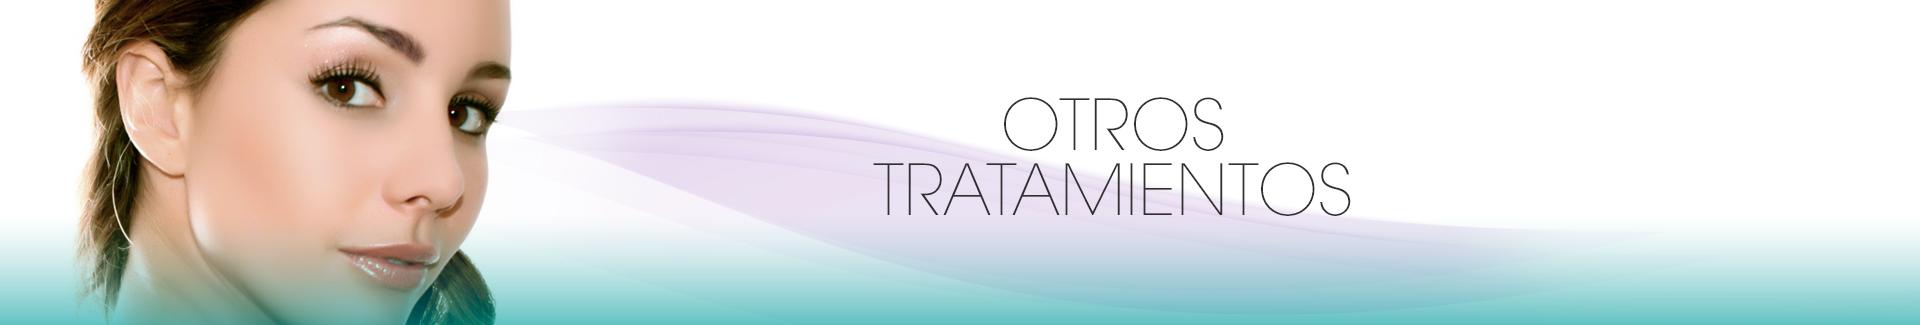 Otros Tratamientos - Clínica Sergio Rada, Medicina Estética Especializada